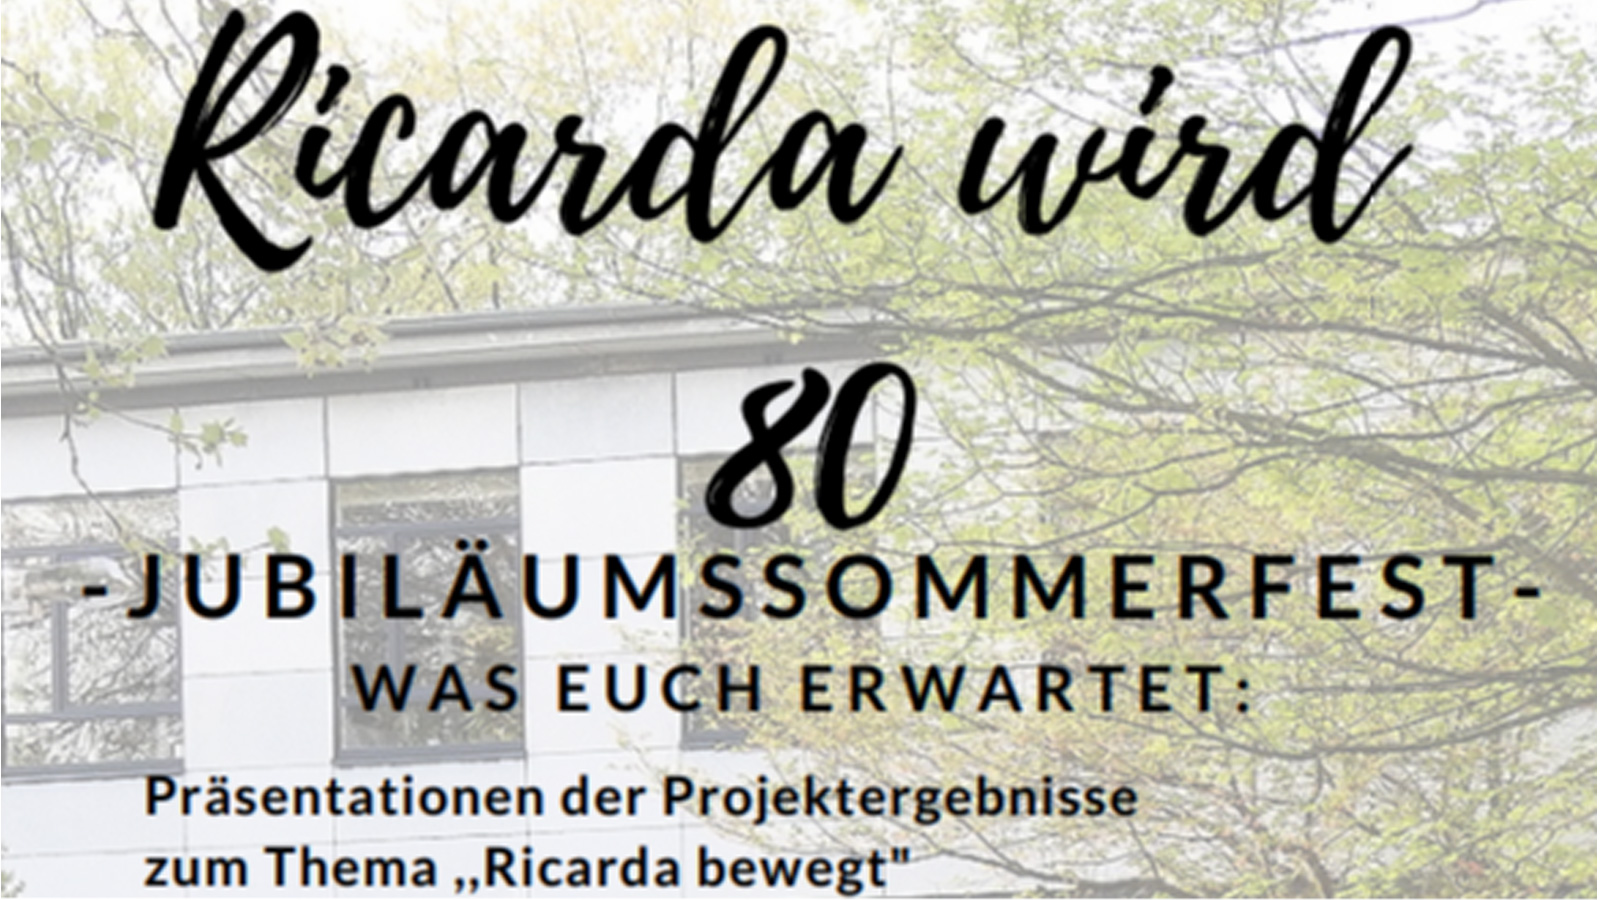 Jubiläumssommerfest – Ricarda wird 80